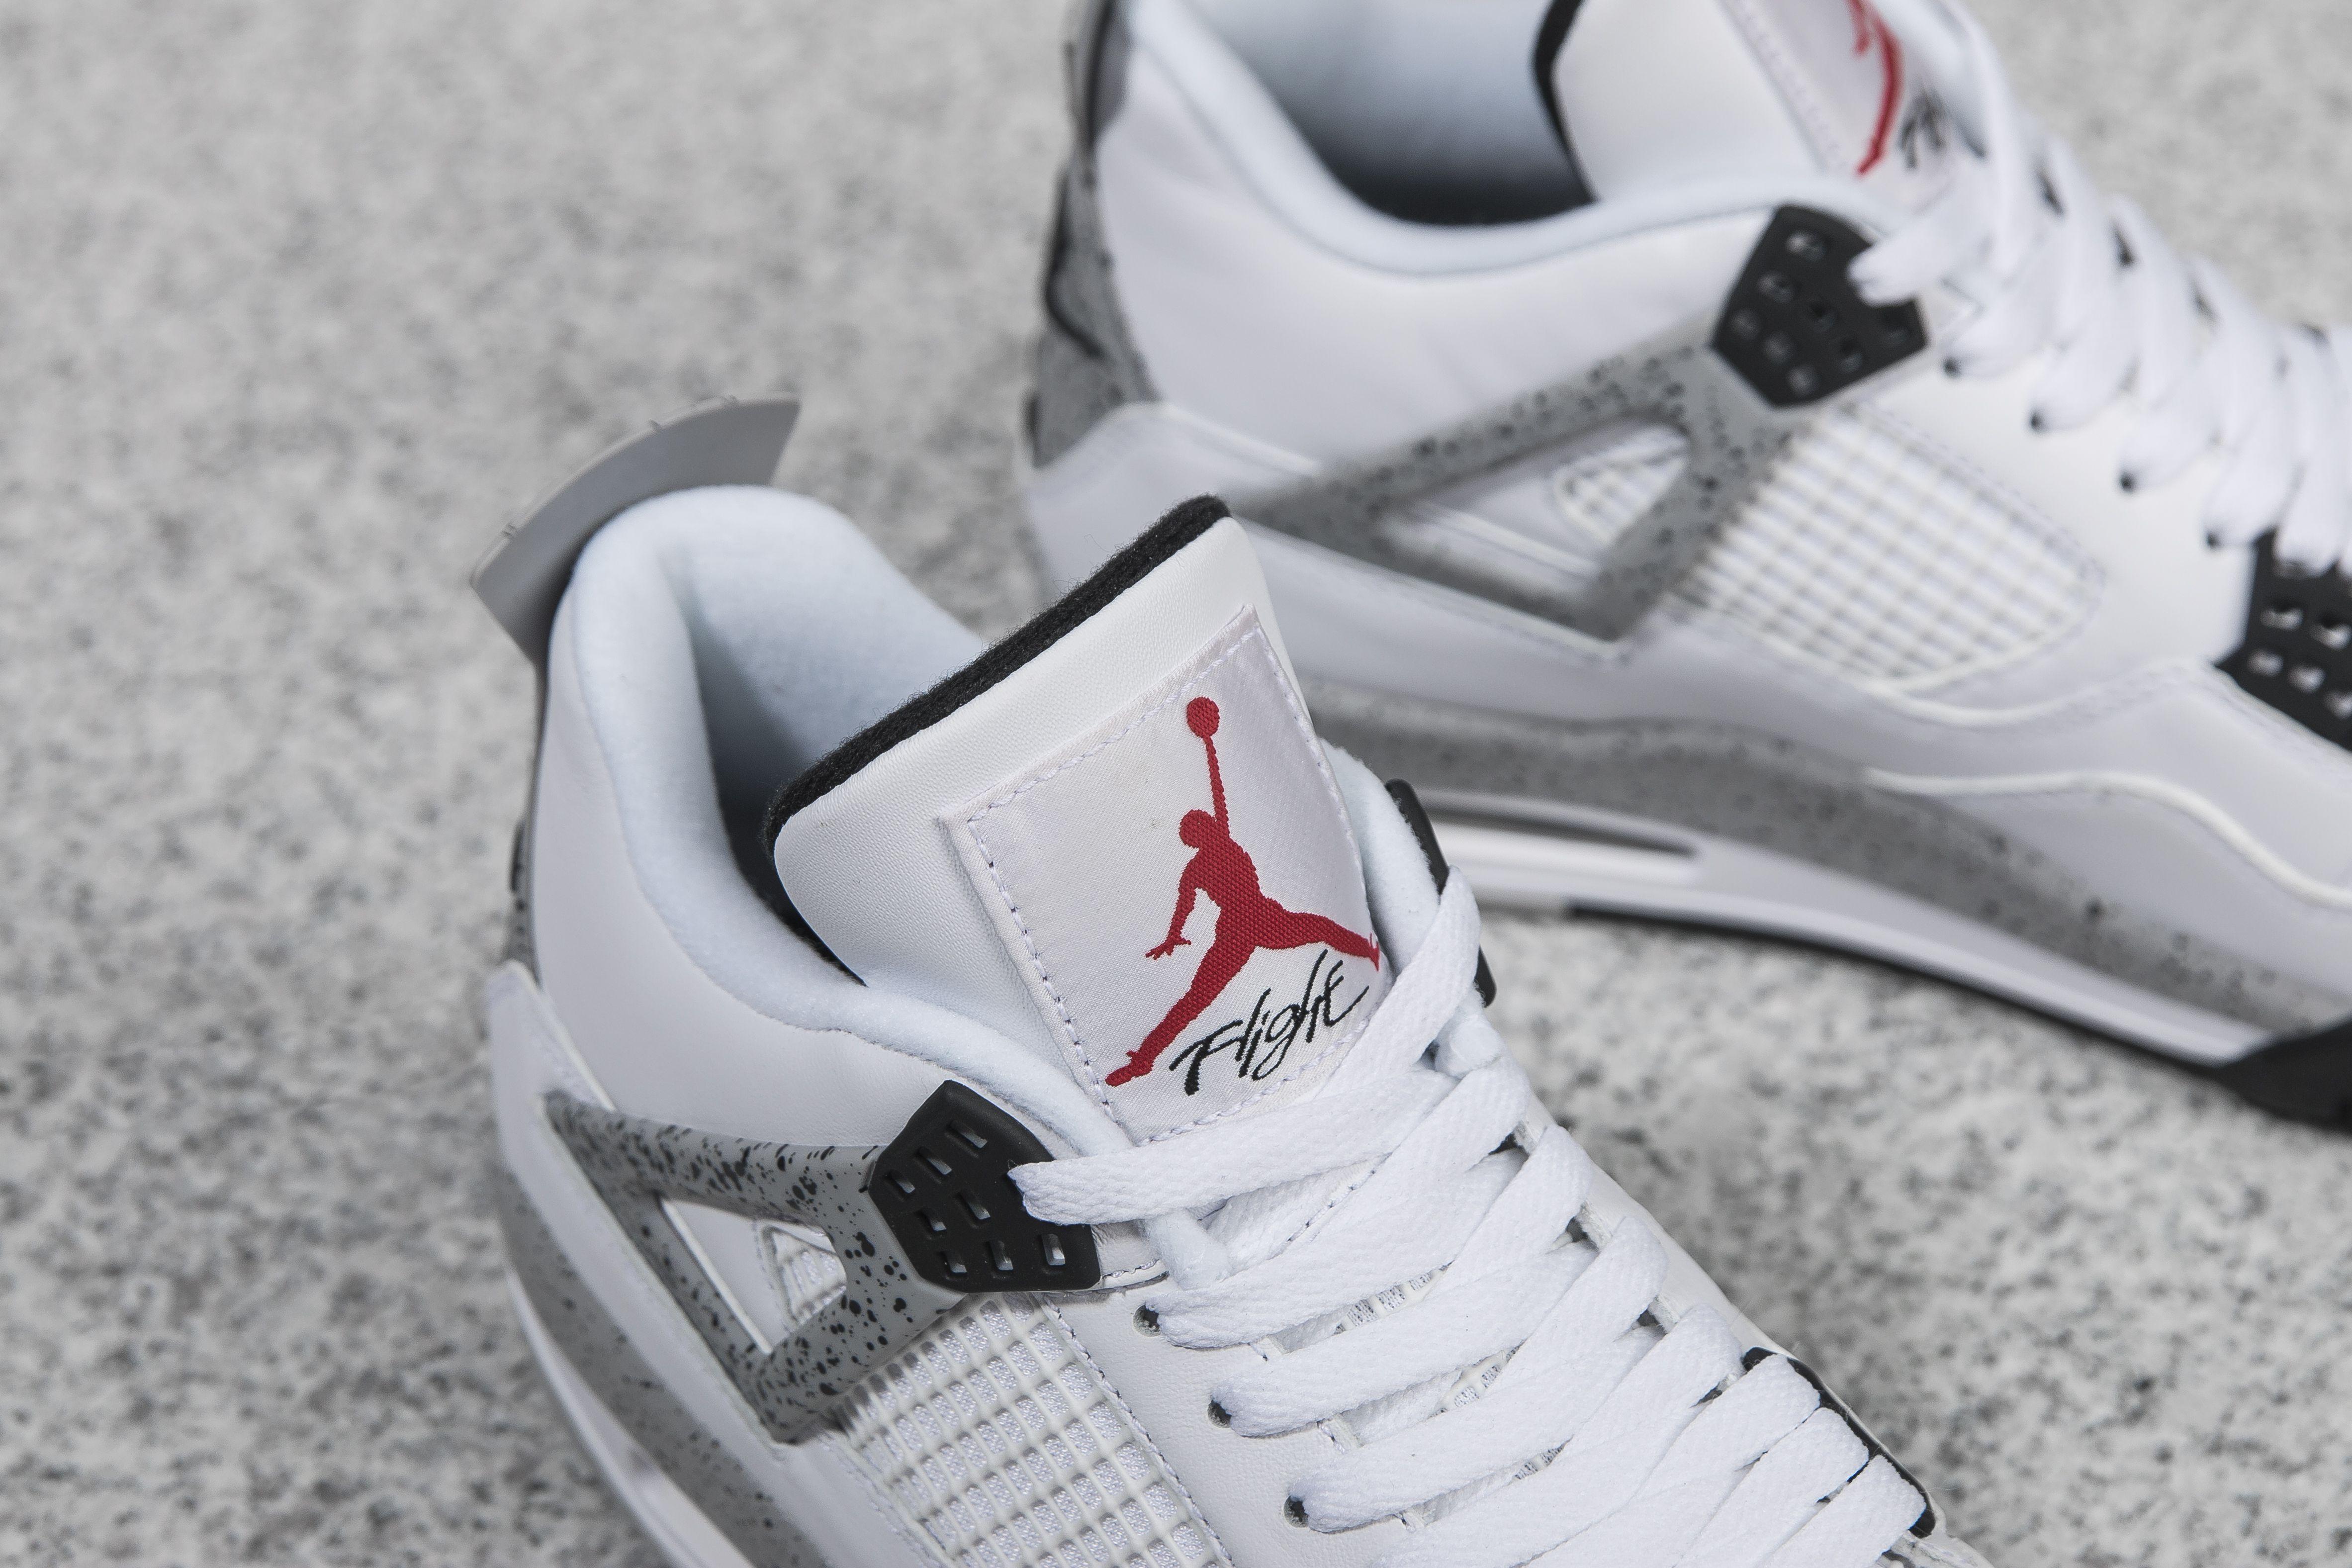 Air Jordan 4 Ciment Blanc 2012 Gymnastique Olympique Livraison gratuite Nice vraiment en ligne wiki livraison gratuite sortie rabais Livraison gratuite qualité c5puygjax9